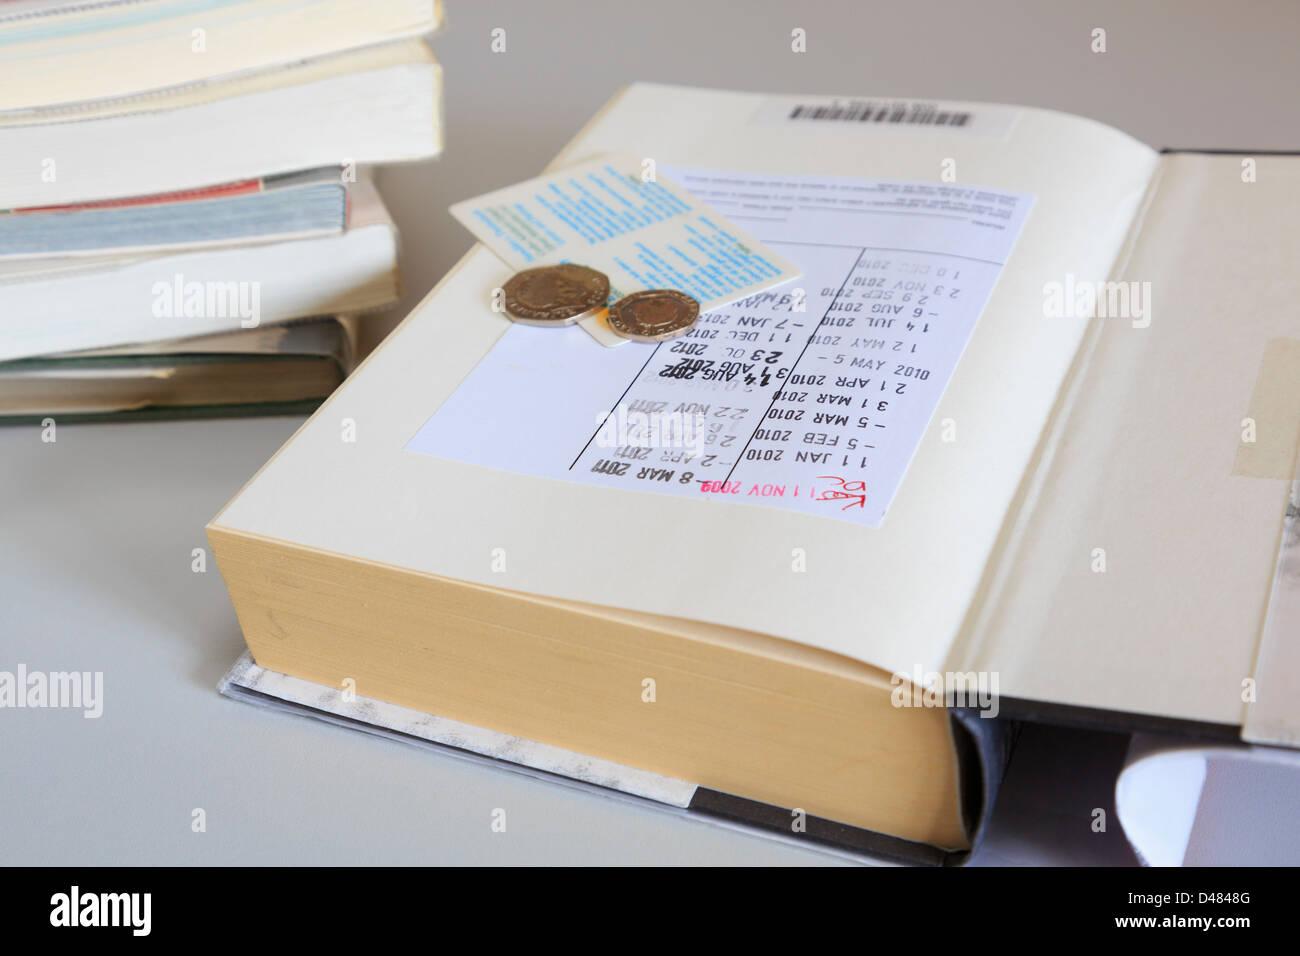 Bibliothek Buch öffnen auf der ersten Seite mit Terminen versehen, einen Mitgliedsausweis und Münzen für Stockbild